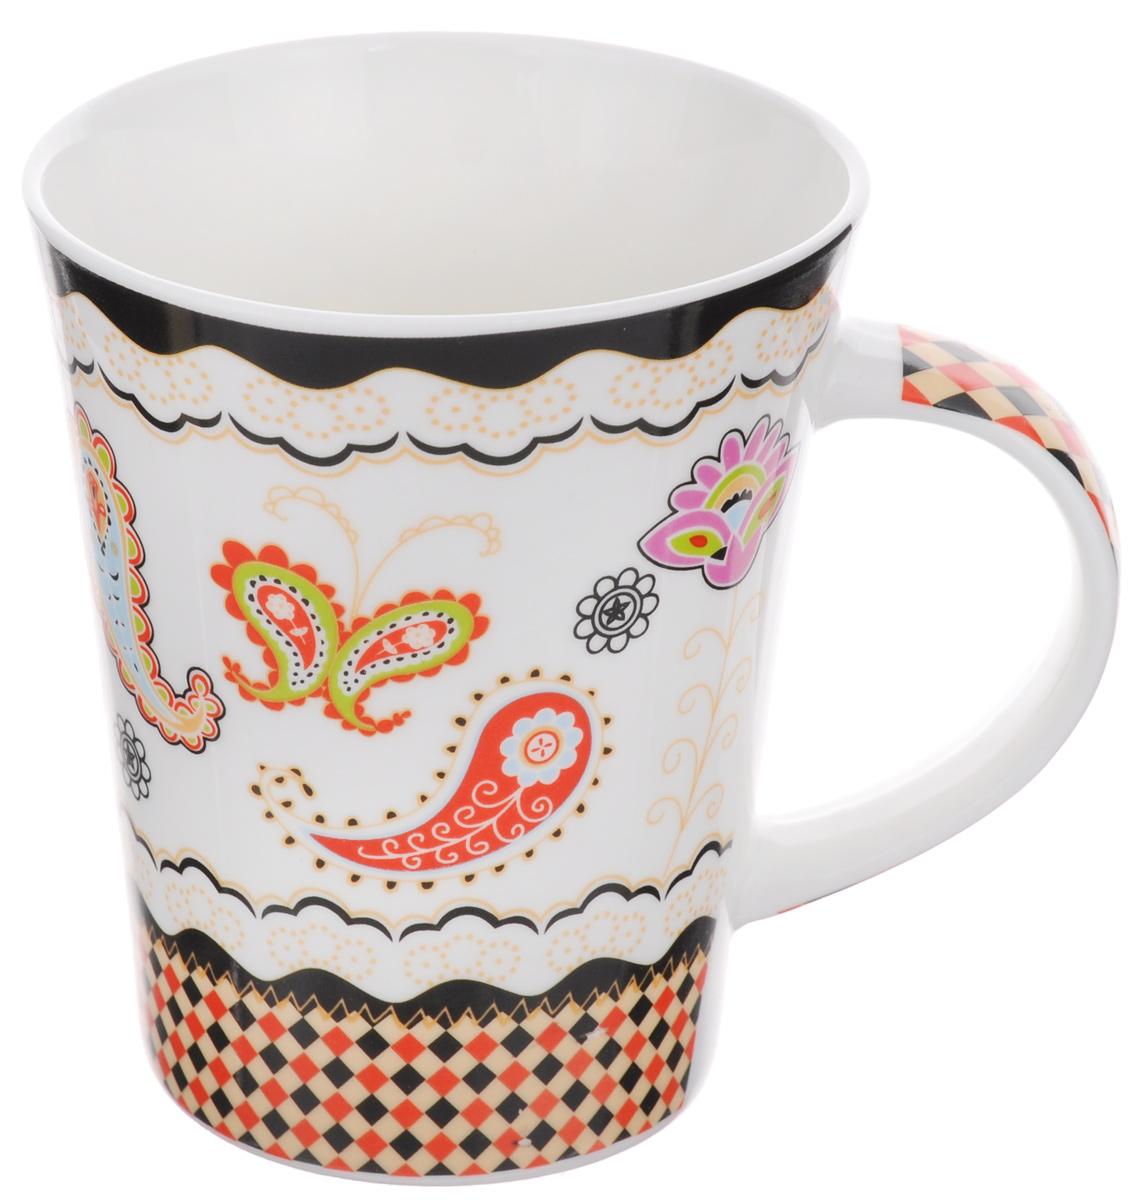 Кружка Loraine, цвет: белый, черный, красный, 400 мл22114Кружка Loraine, выполненная из высококачественного фарфора, украшена изображением цветочных узоров и ромбов. Изделие оснащено эргономичной ручкой. Кружка сочетает в себе оригинальный дизайн и функциональность. Она согреет вас долгими холодными вечерами. Диаметр кружки (по верхнему краю): 9 см. Высота кружки: 10,7 см. Объем: 400 мл.